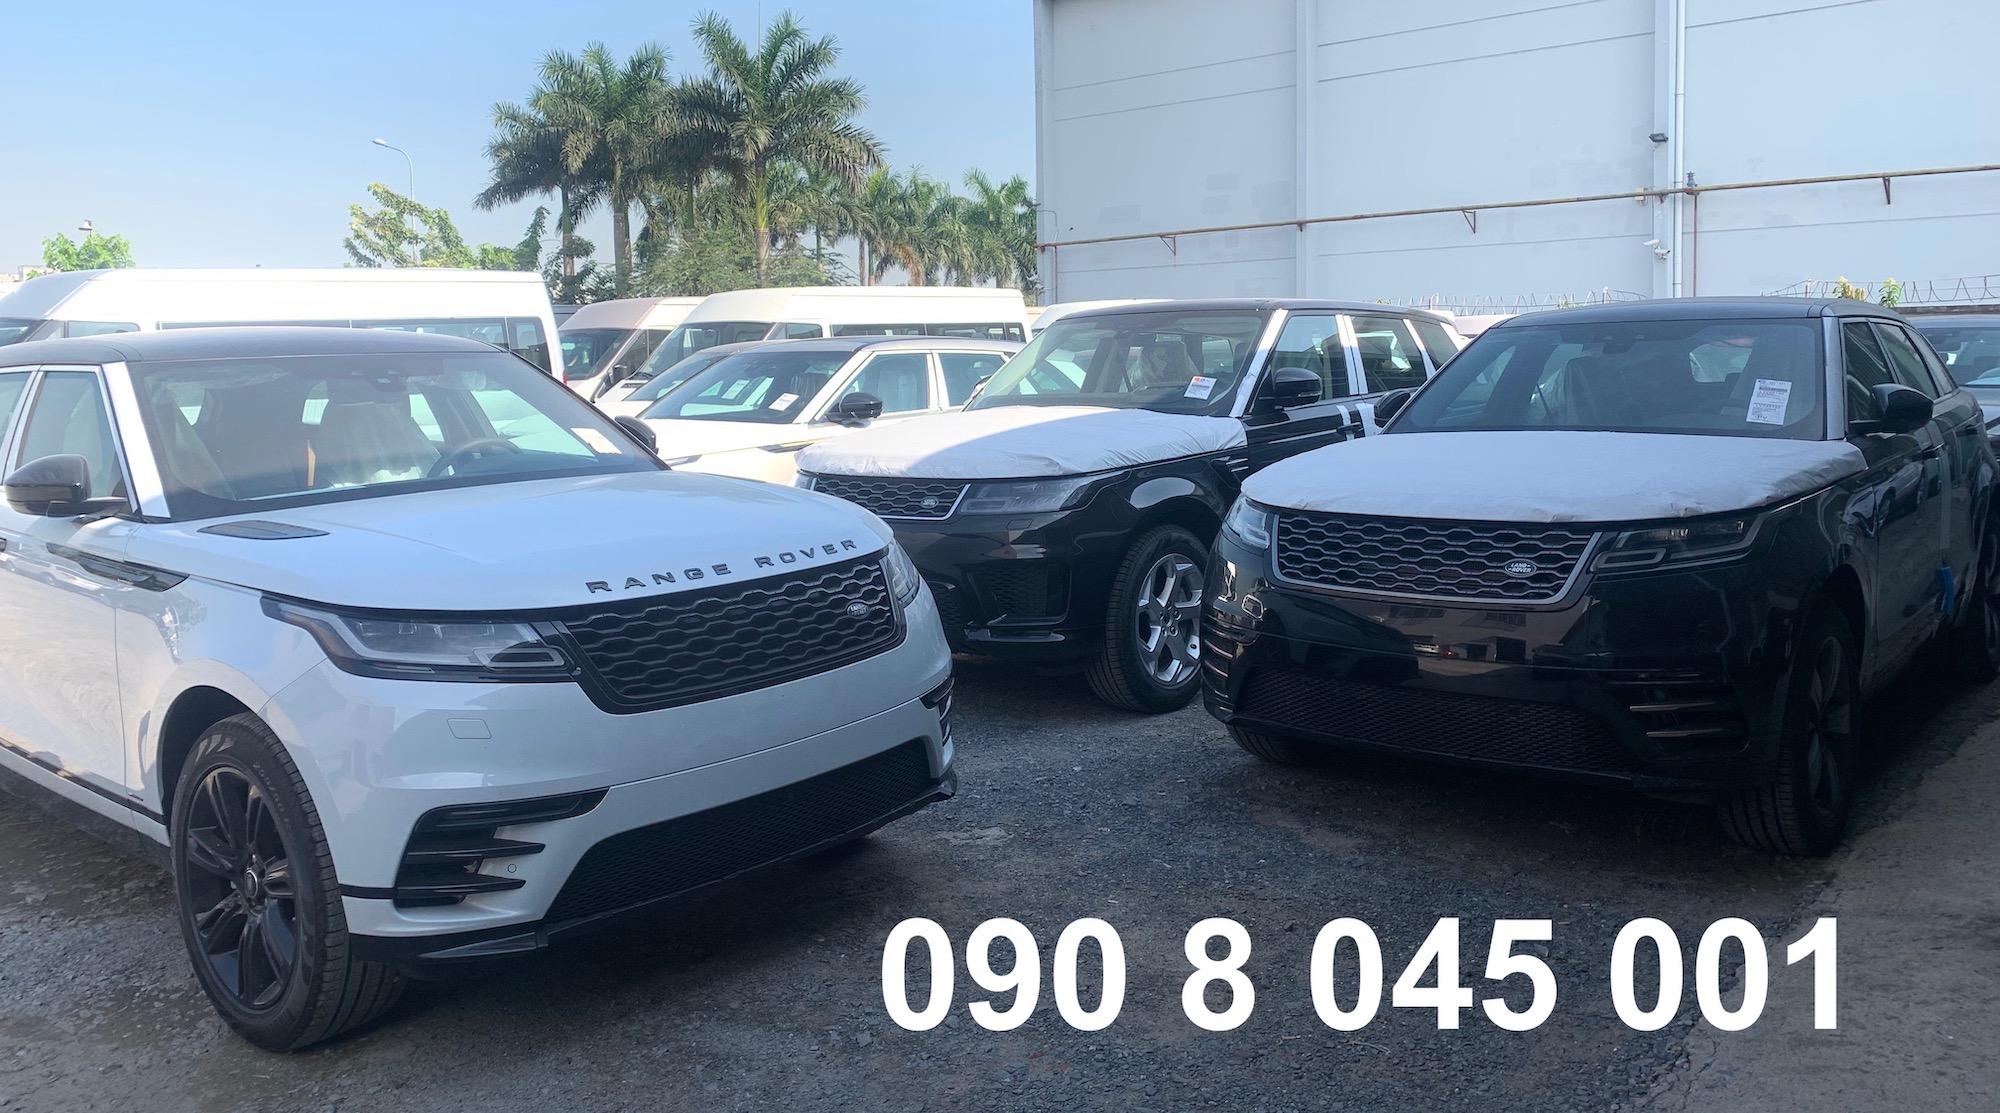 Range Rover Velar R-Dynamic HSE 2020 Đủ Màu trắng, đen, đỏ, xanh, xám